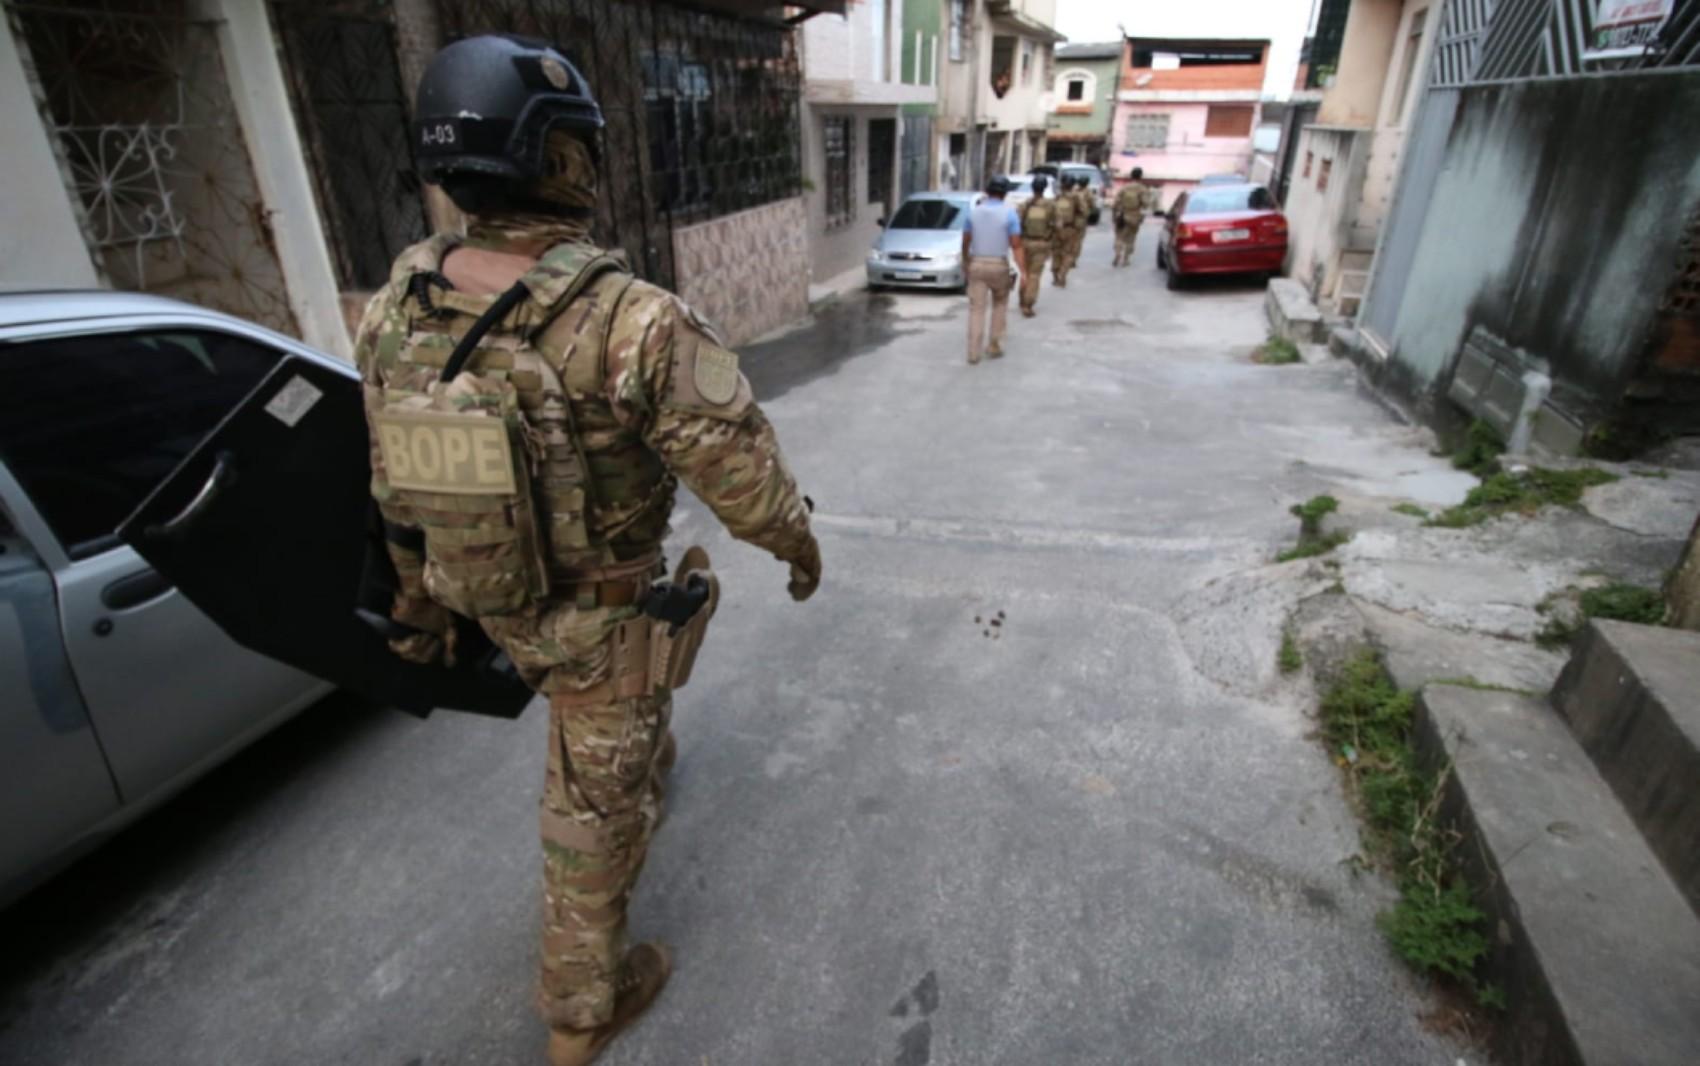 Suspeitos invadem casa e fazem morador refém no bairro de Cidade Nova, em Salvador